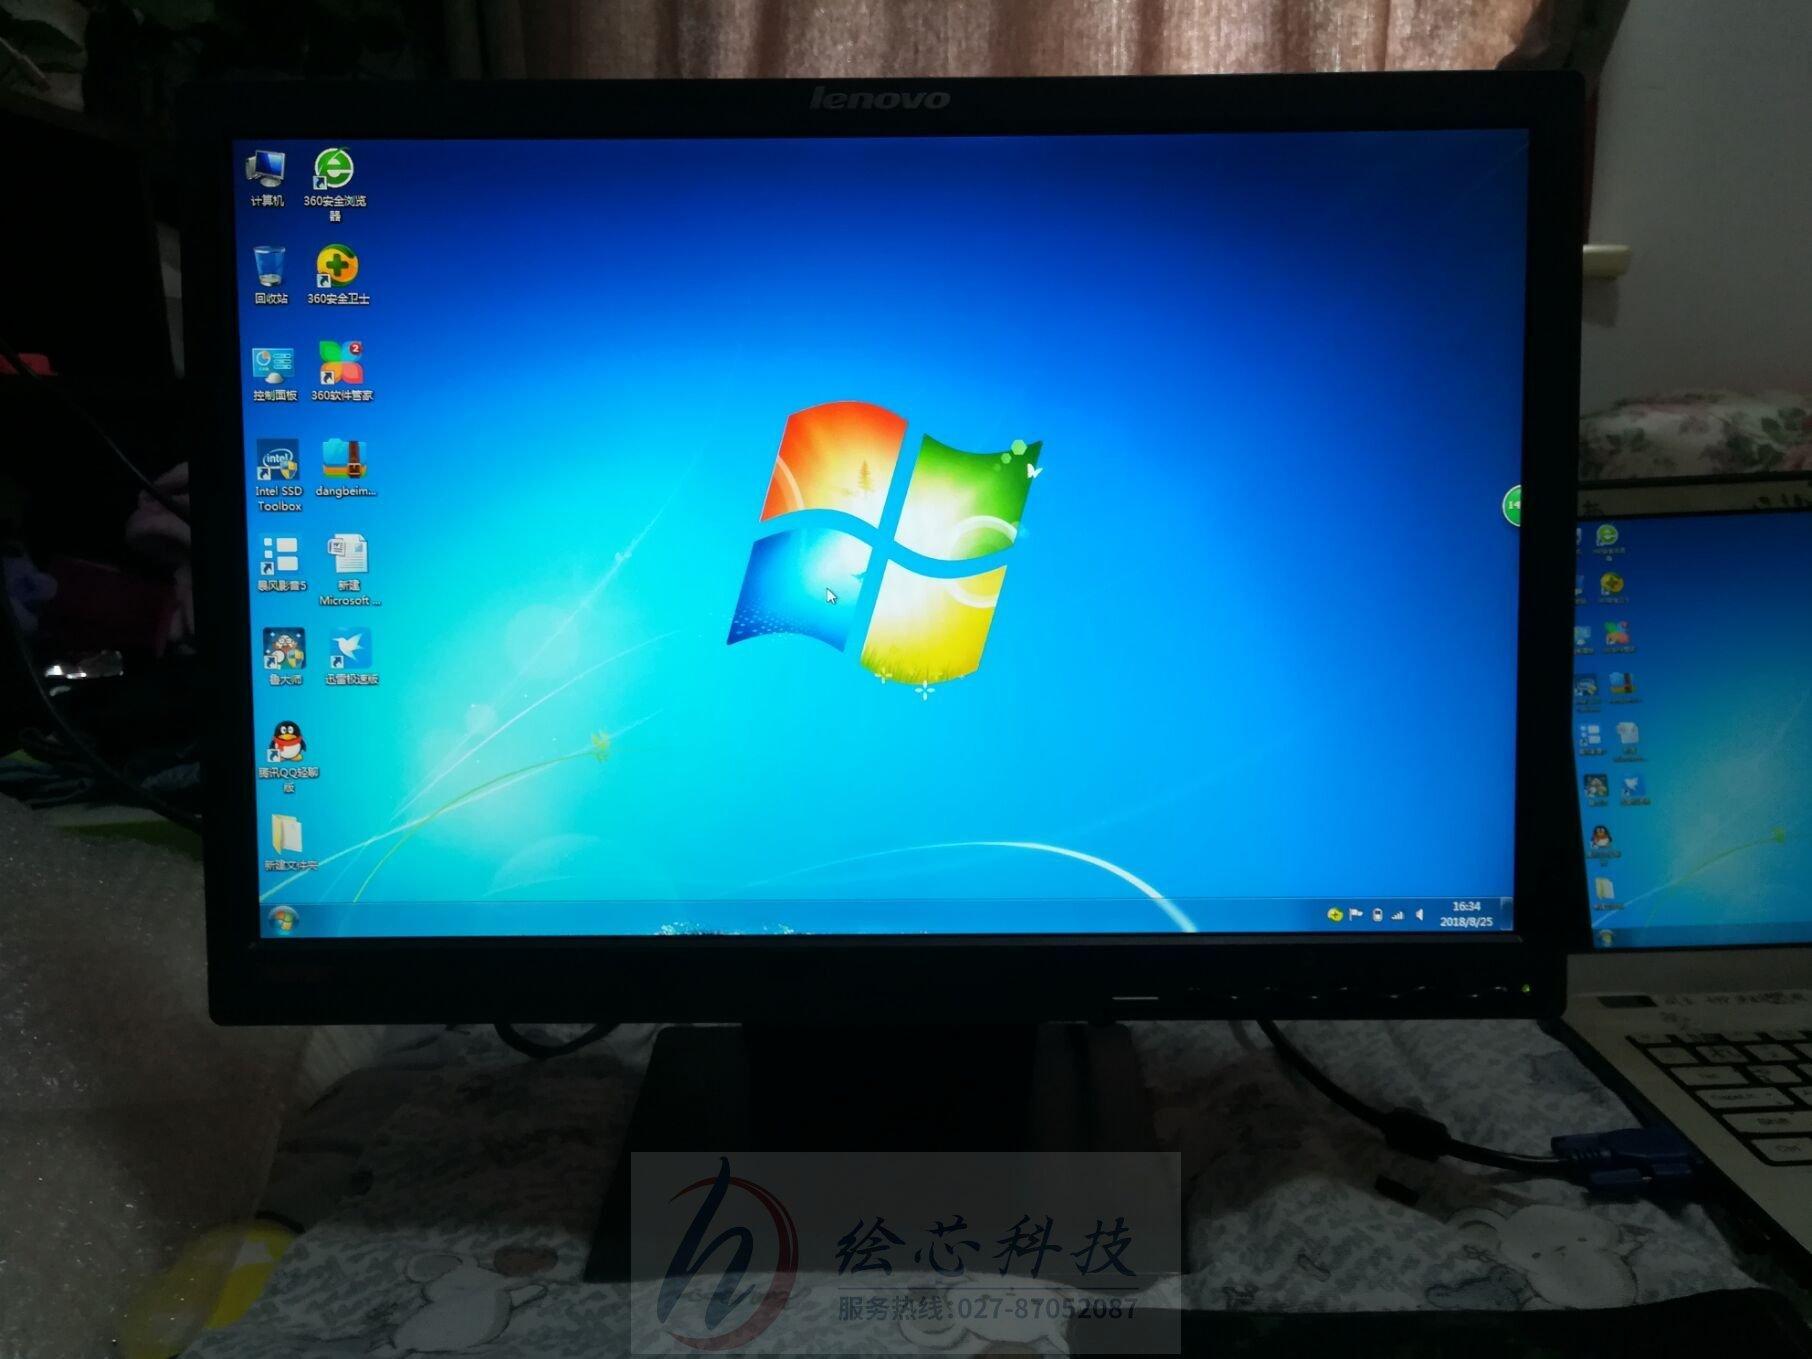 22寸显示器有_联想19寸显示器多少钱_24寸显示器用2k怎么样